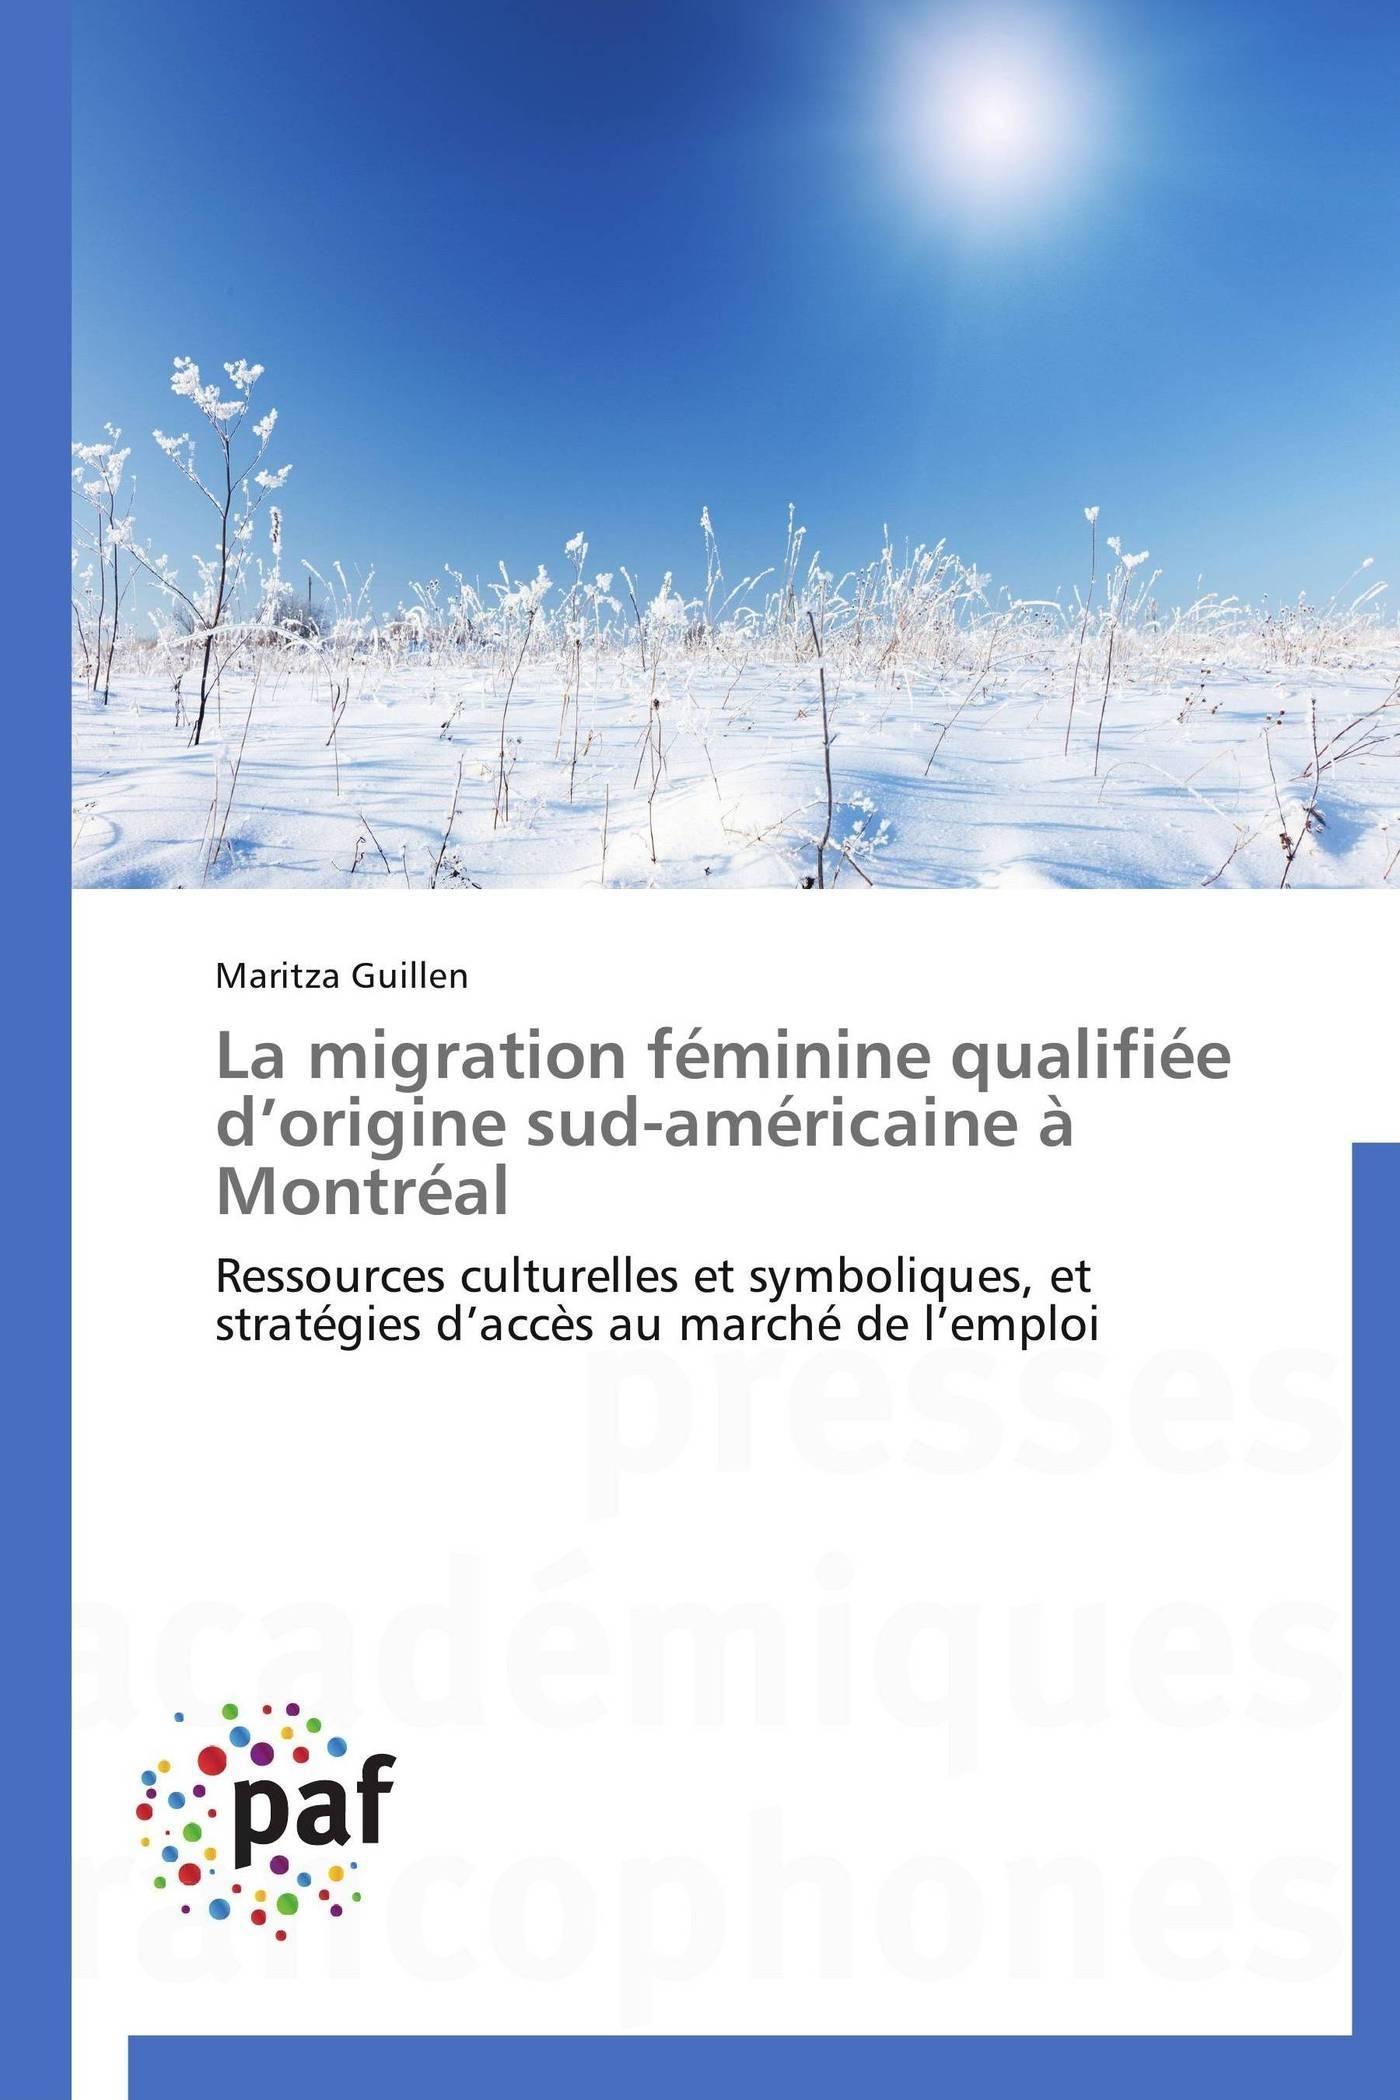 LA MIGRATION FEMININE QUALIFIEE D ORIGINE SUD-AMERICAINE A MONTREAL